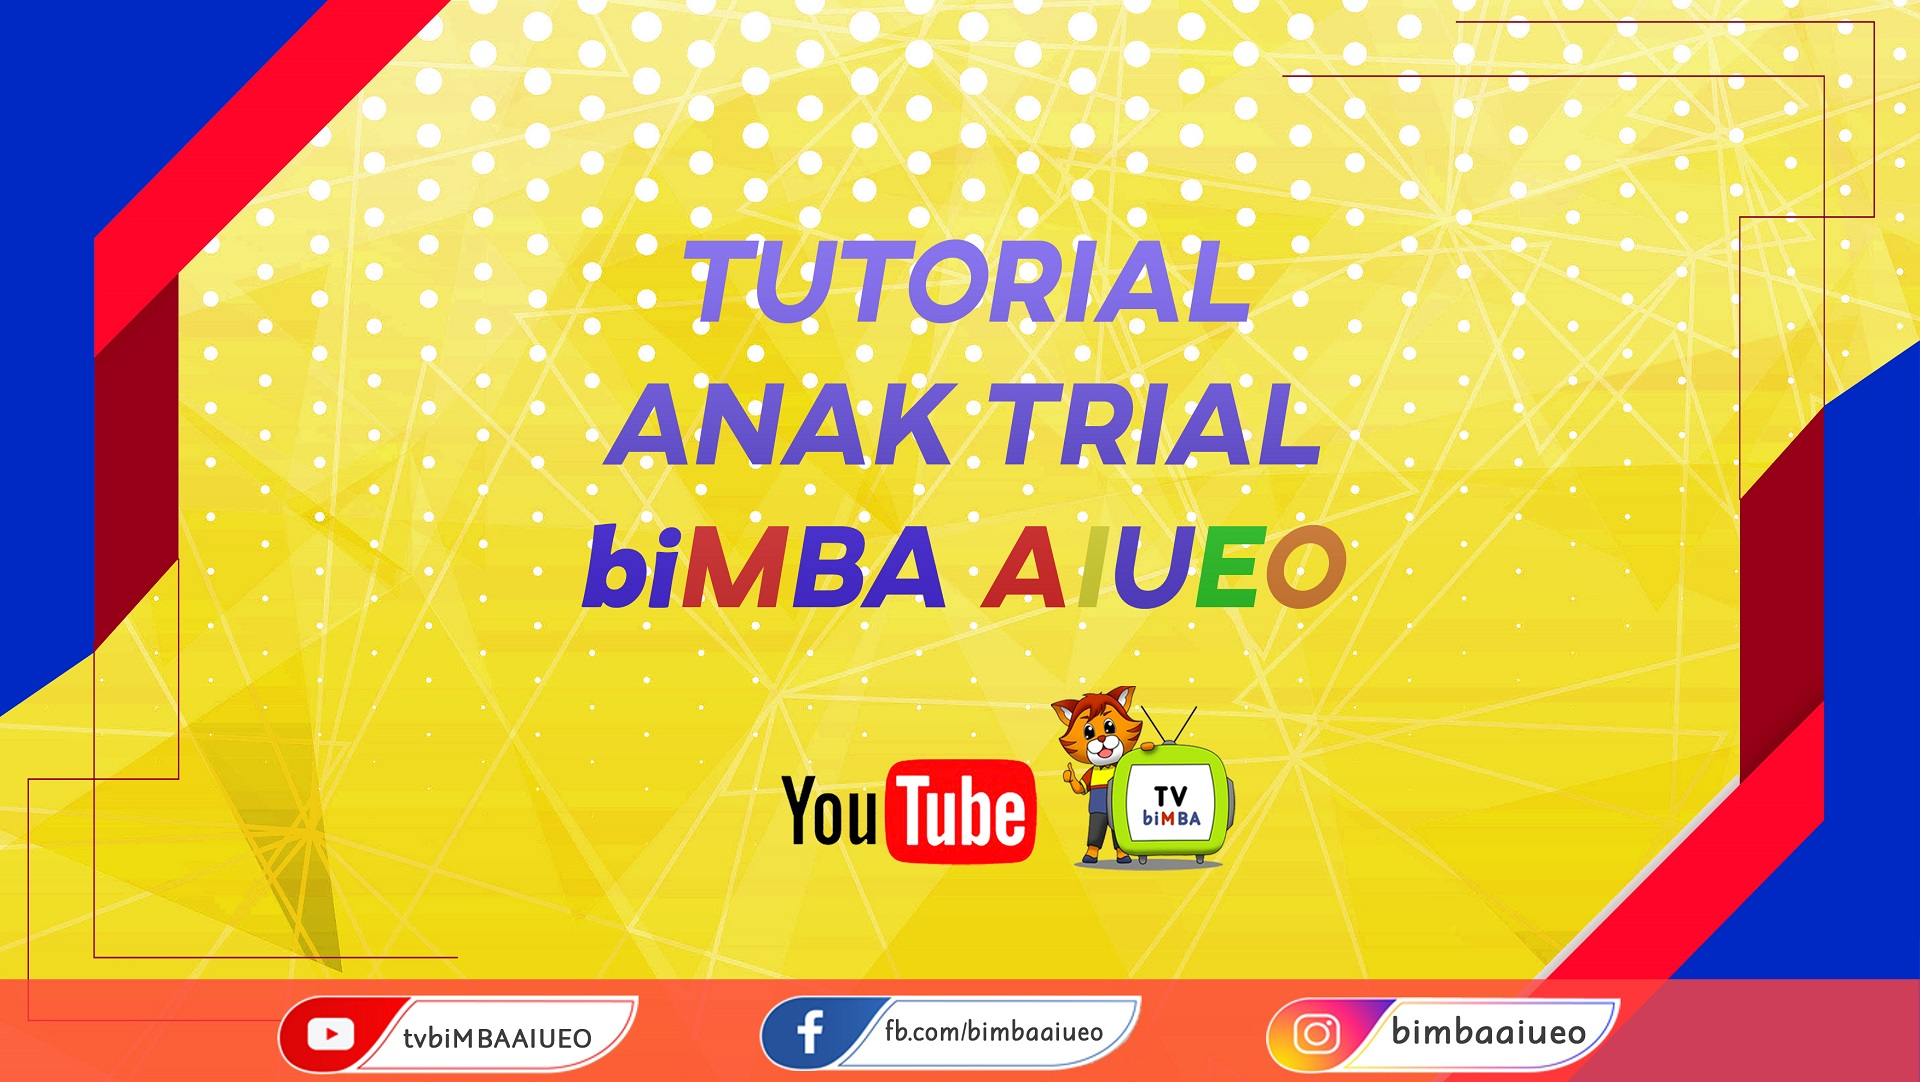 TUTORIAL ANAK TRIAL DI biMBA-AIUEO